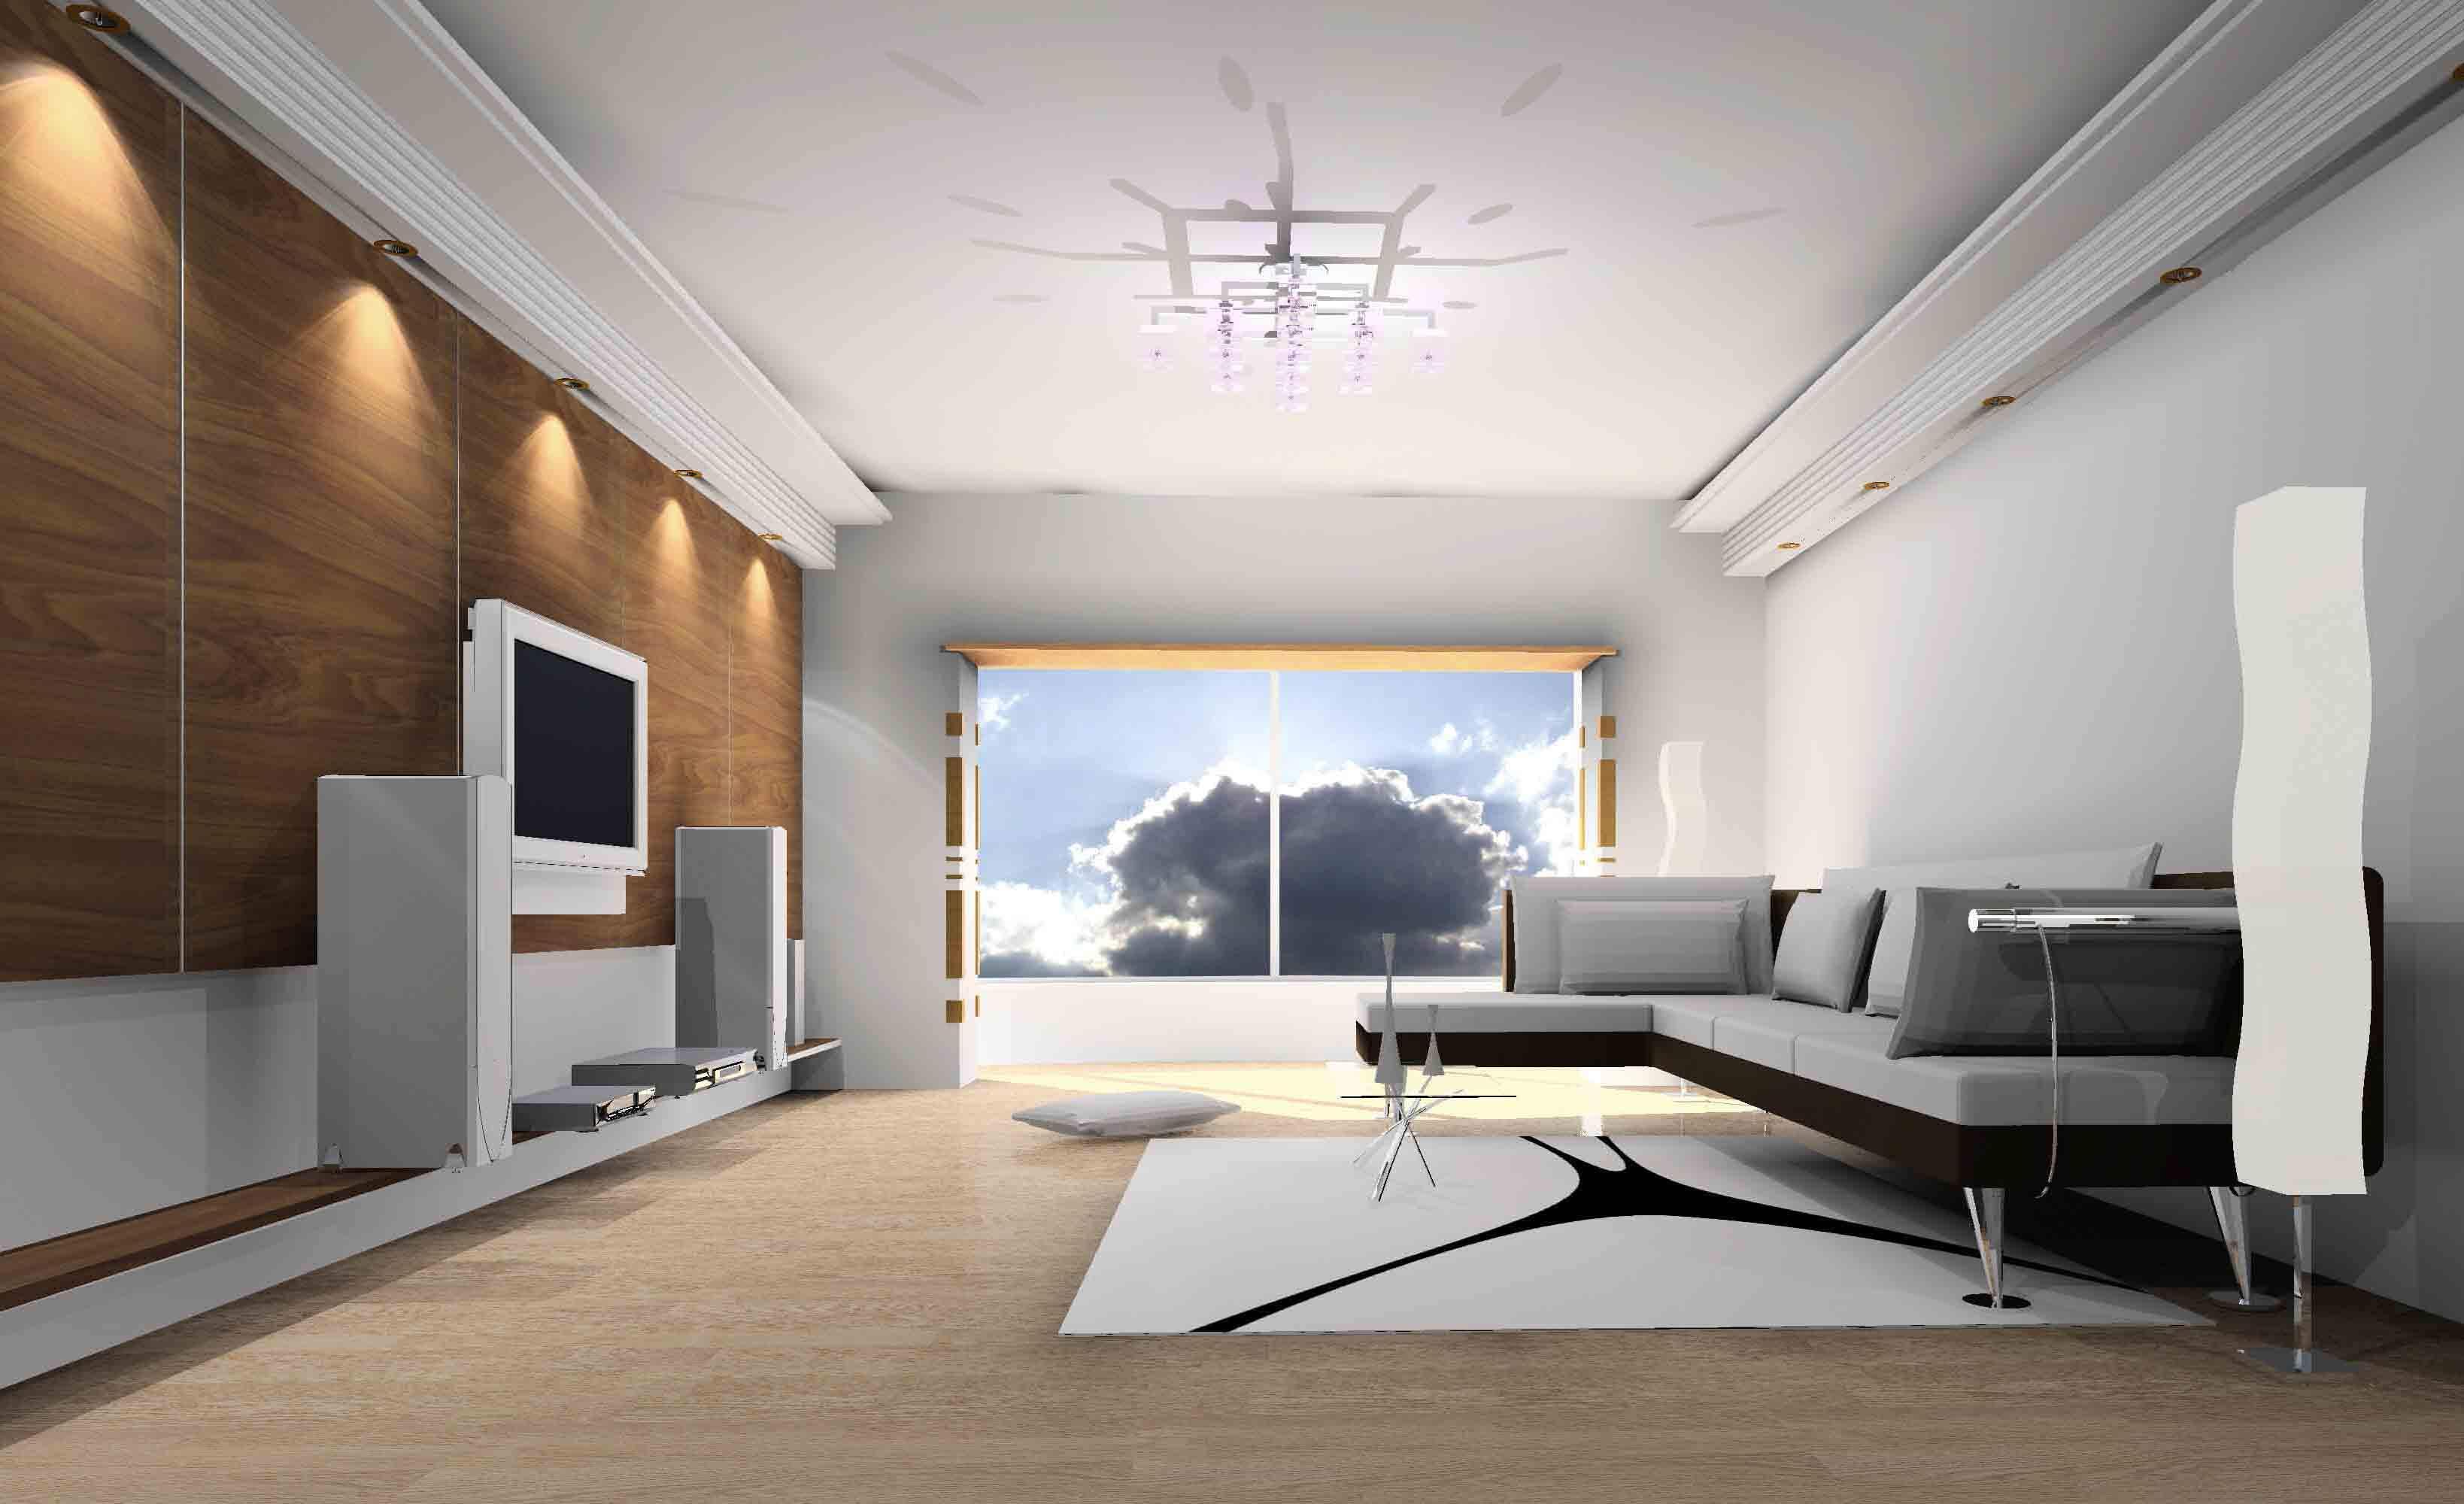 丹东风光无限装饰设计工程有限公司